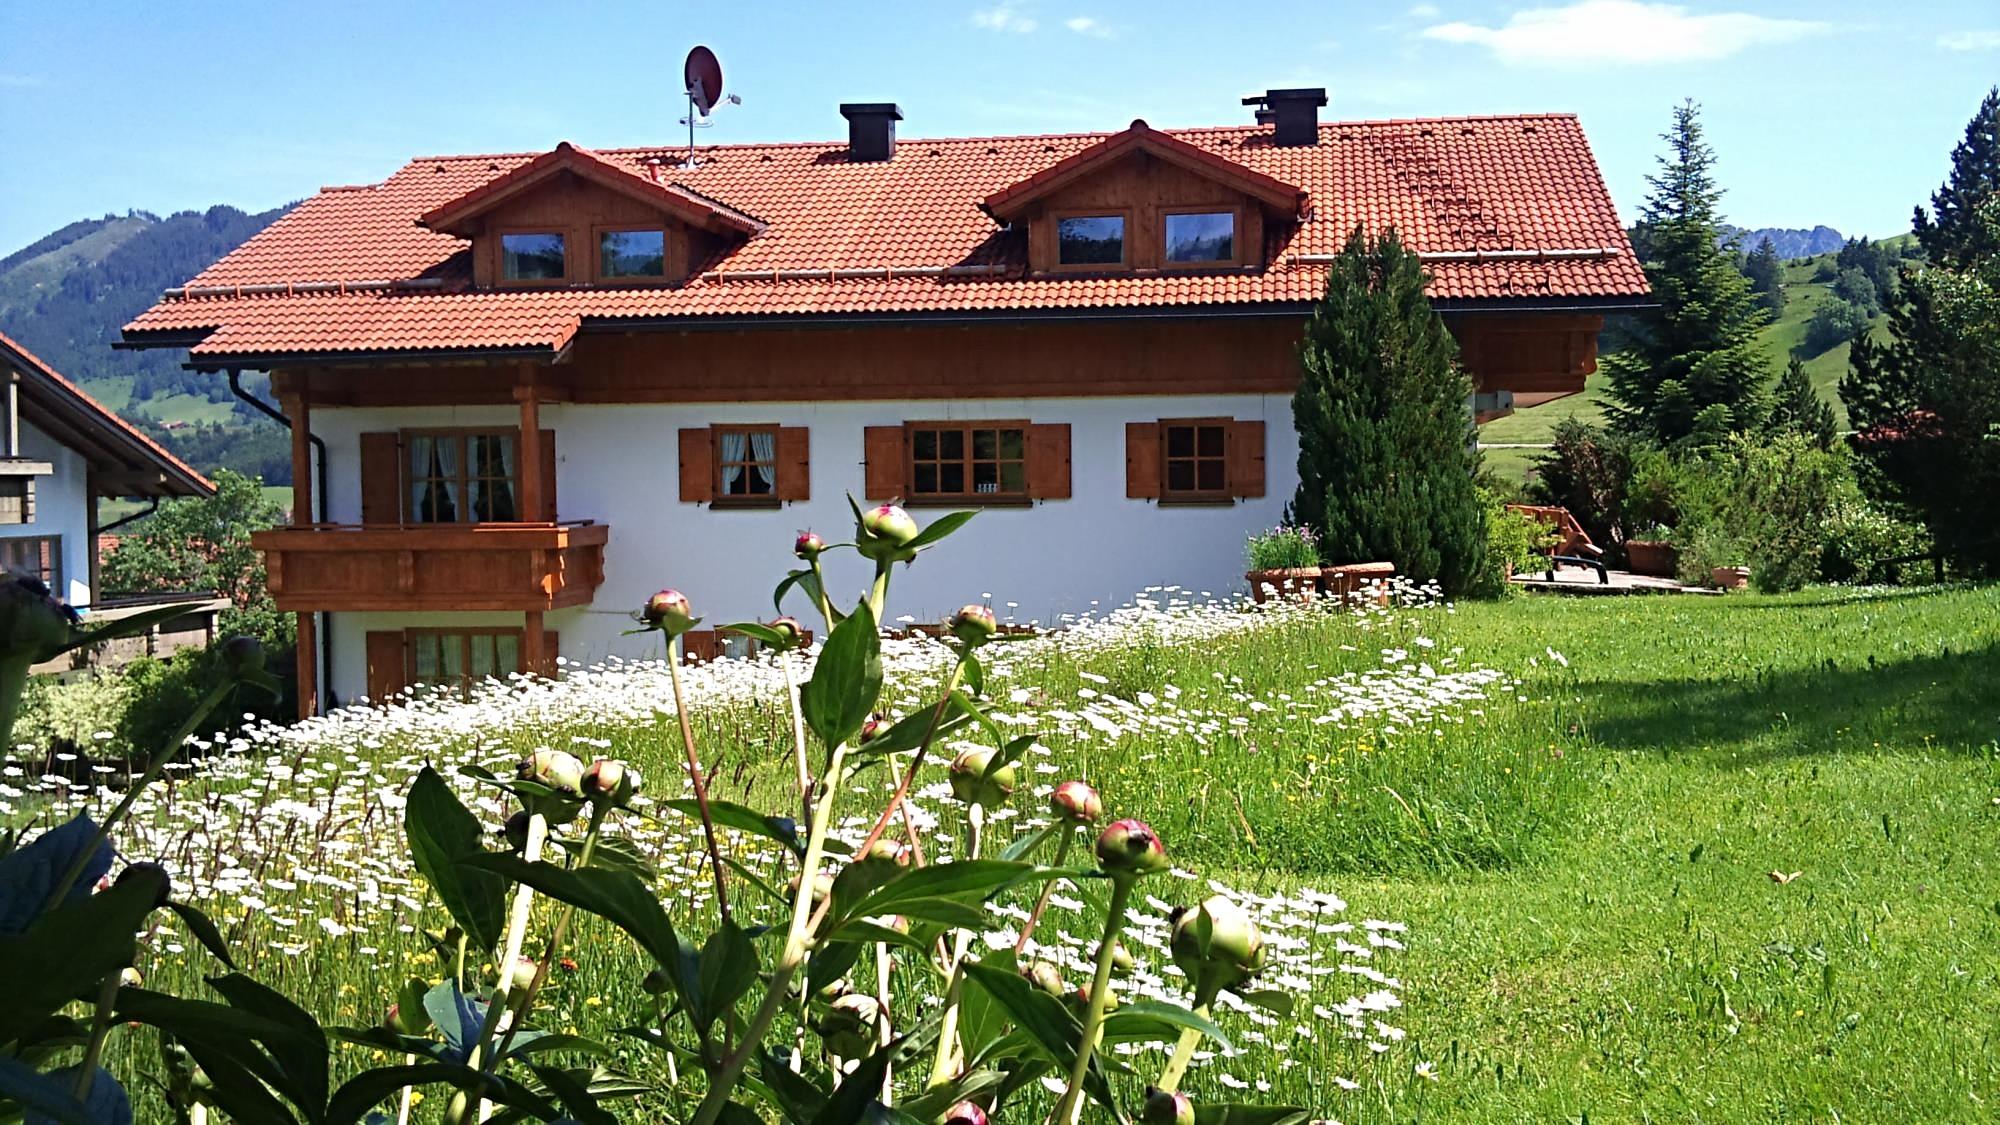 wertach-Ferienwohnungen.de 923 Meter hoch, da fällt schnell mal viel Schnee ein Blick vom Gartenhaus auf das Haupthaus